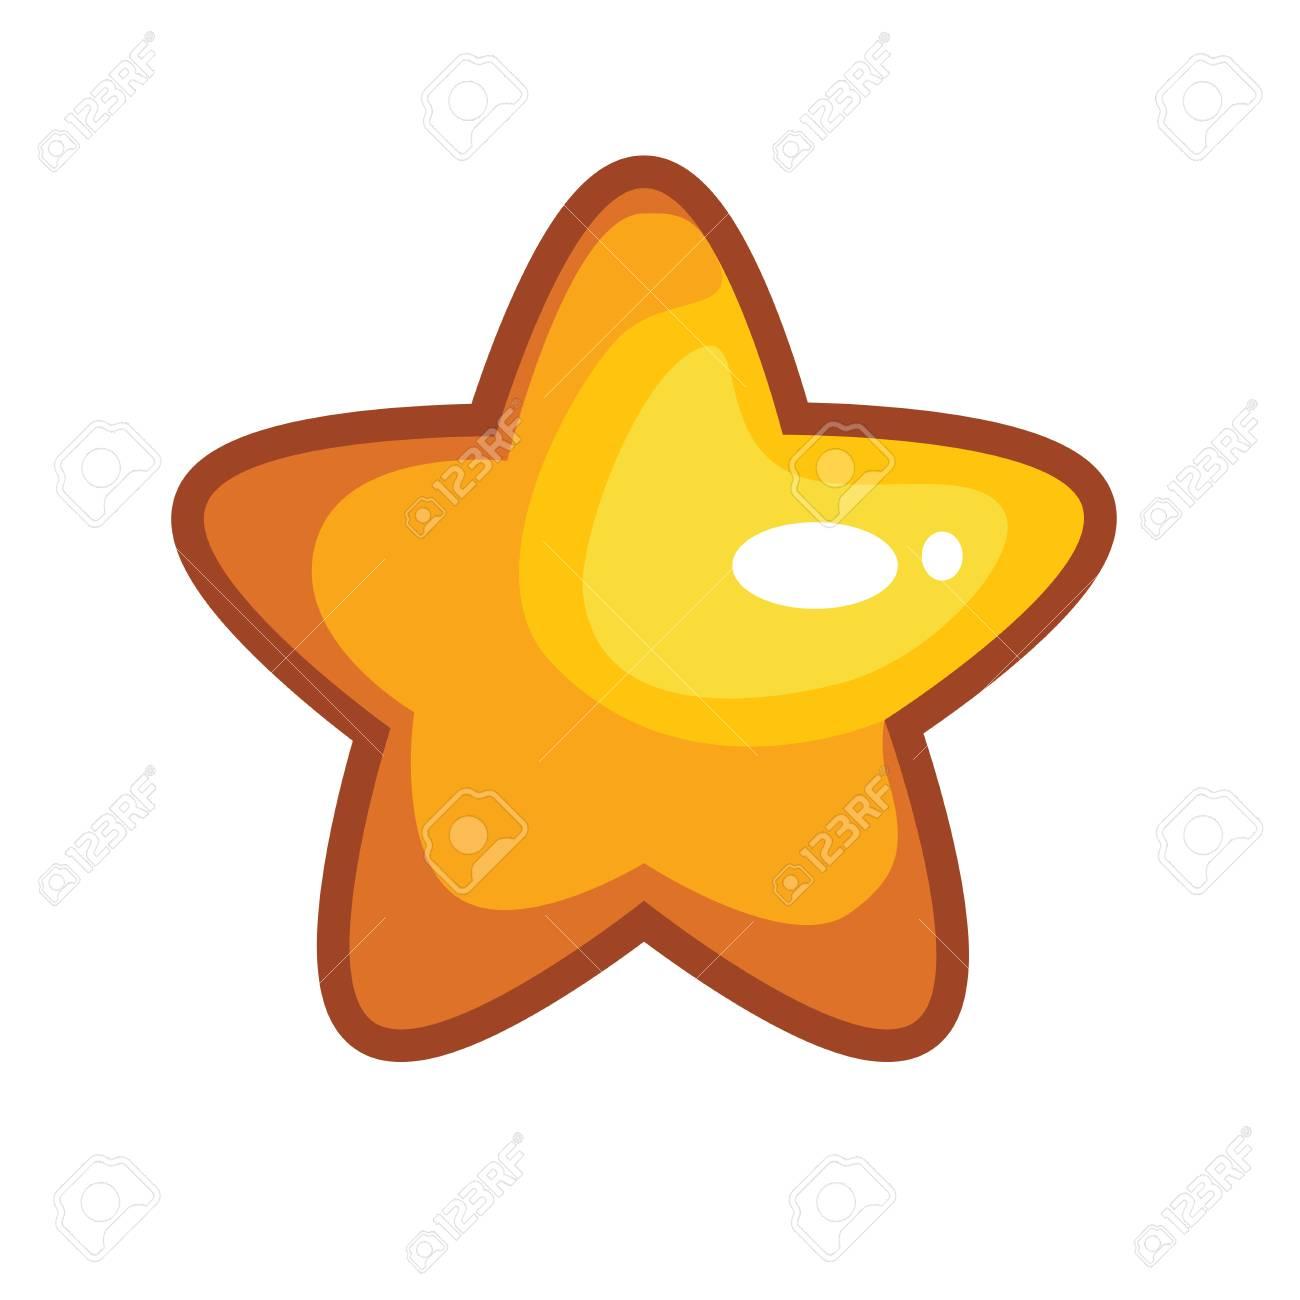 Logo Avec Etoile De Dessin Anime Jaune Illustration Vectorielle Clip Art Libres De Droits Vecteurs Et Illustration Image 85208203